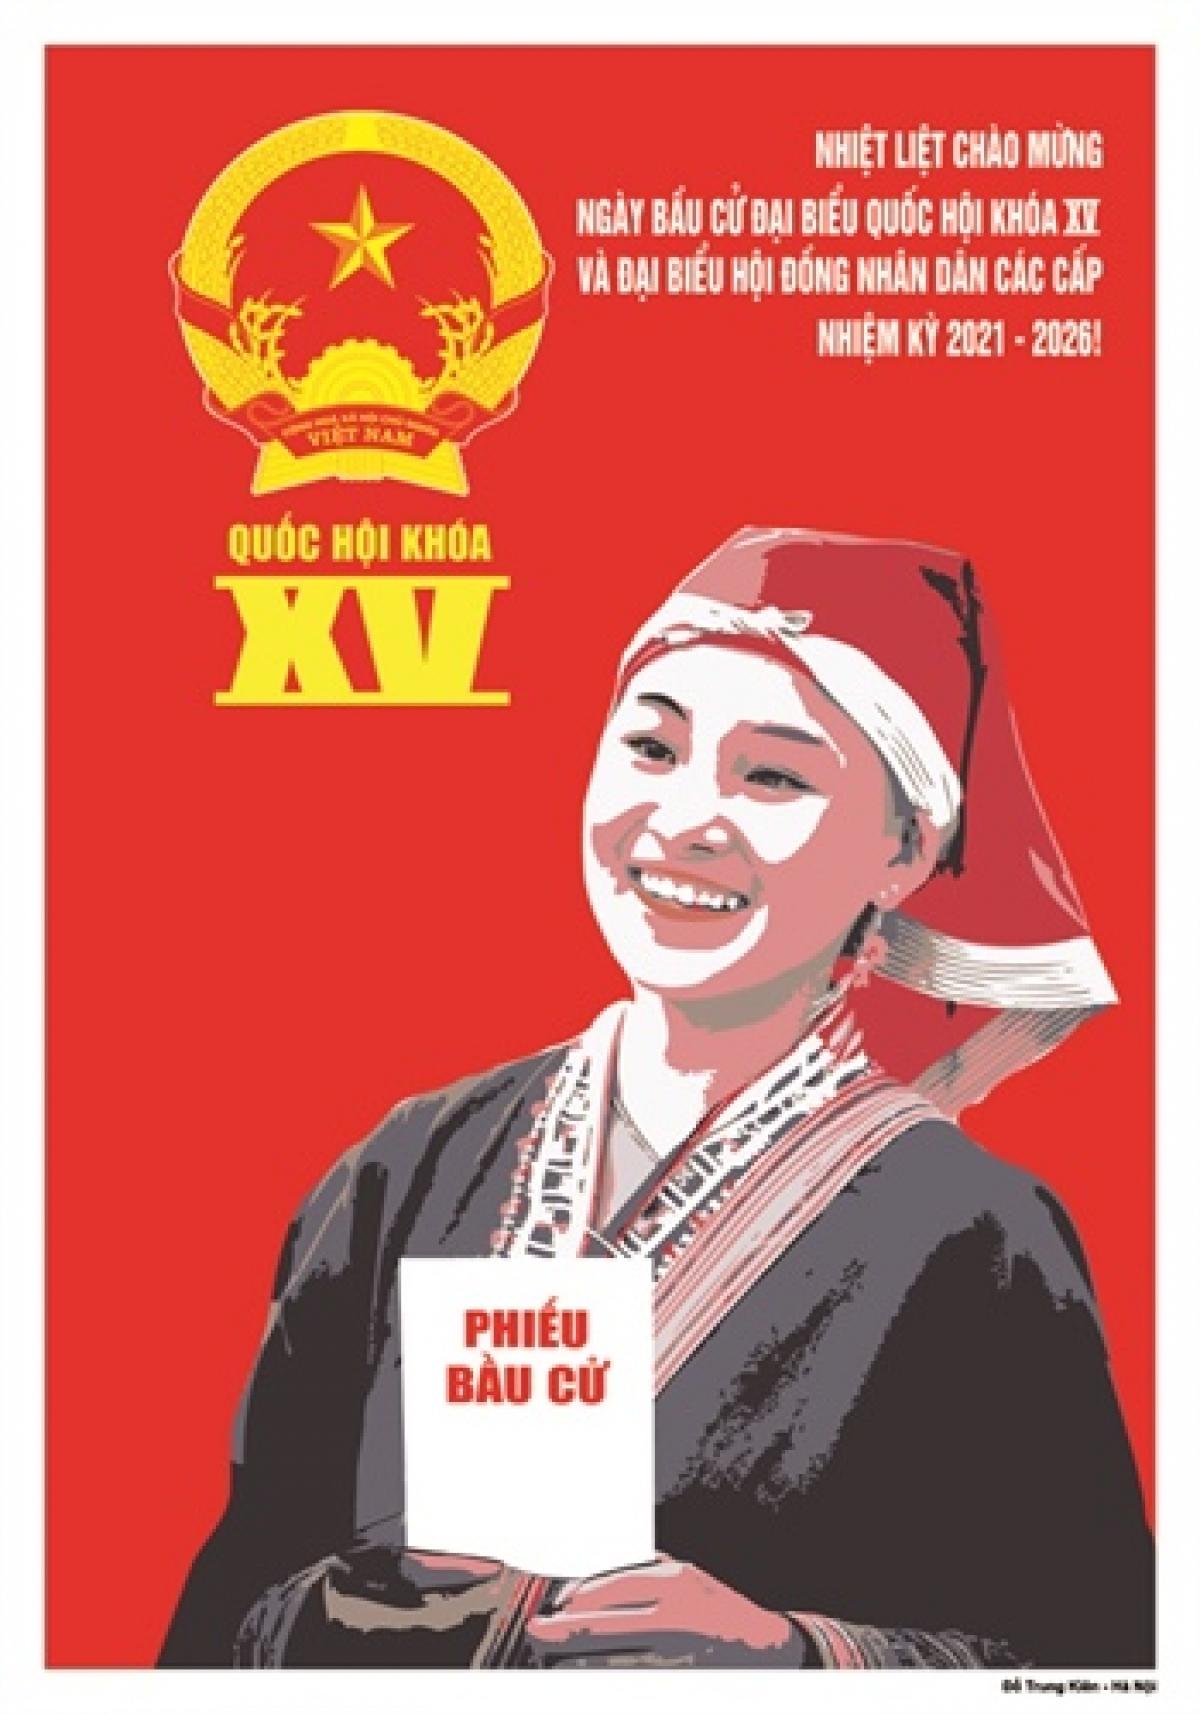 Giải Nhì, tác giả Đỗ Trung Kiên, Hà Nội.